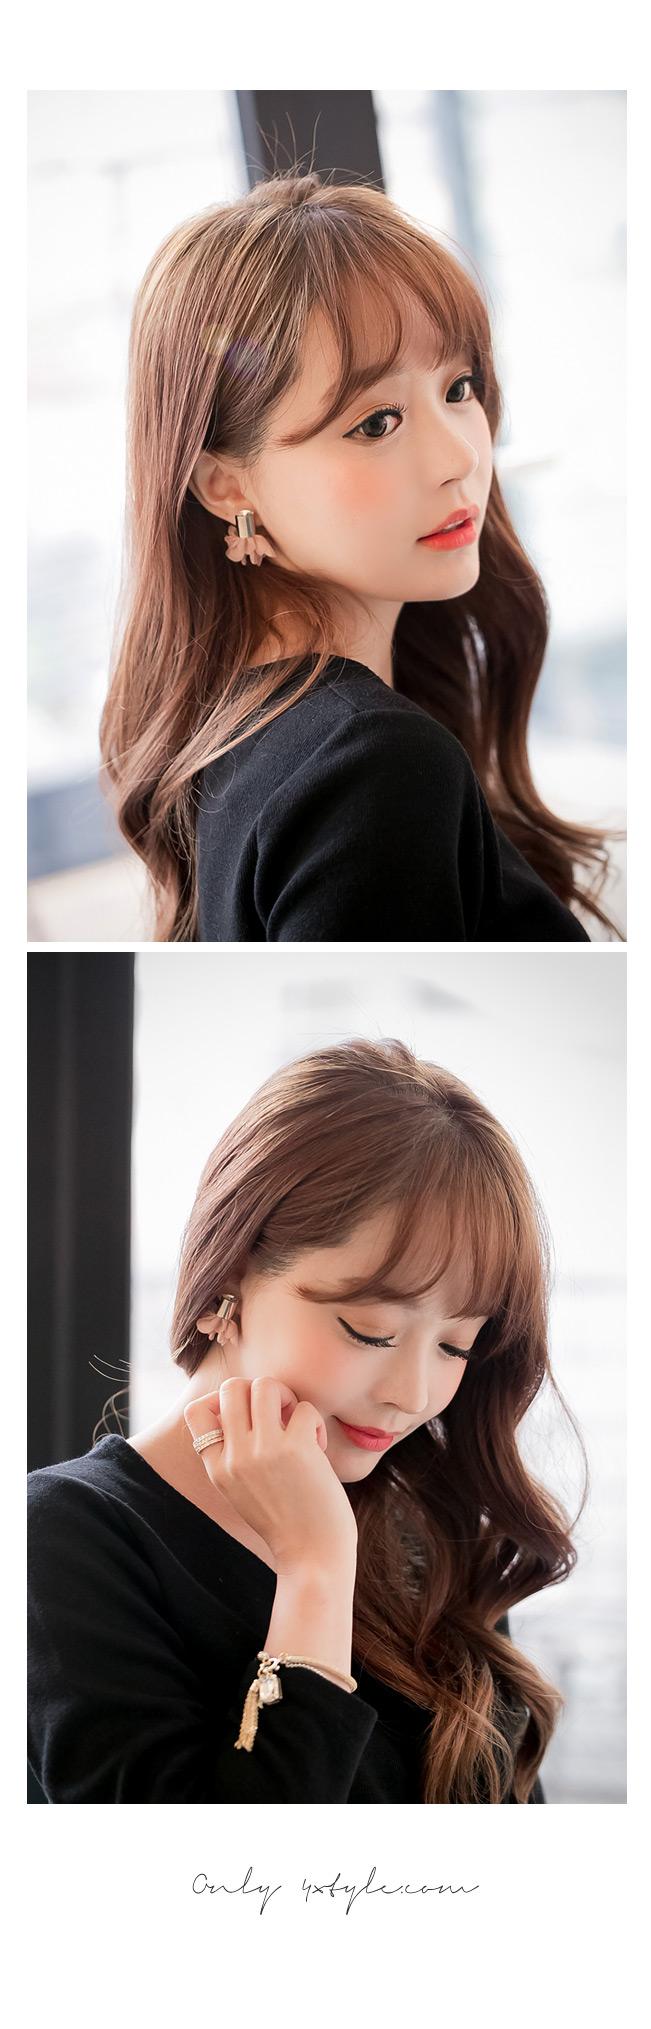 [ 4xtyle ] Flower Shiffon Earring, 4 Colors